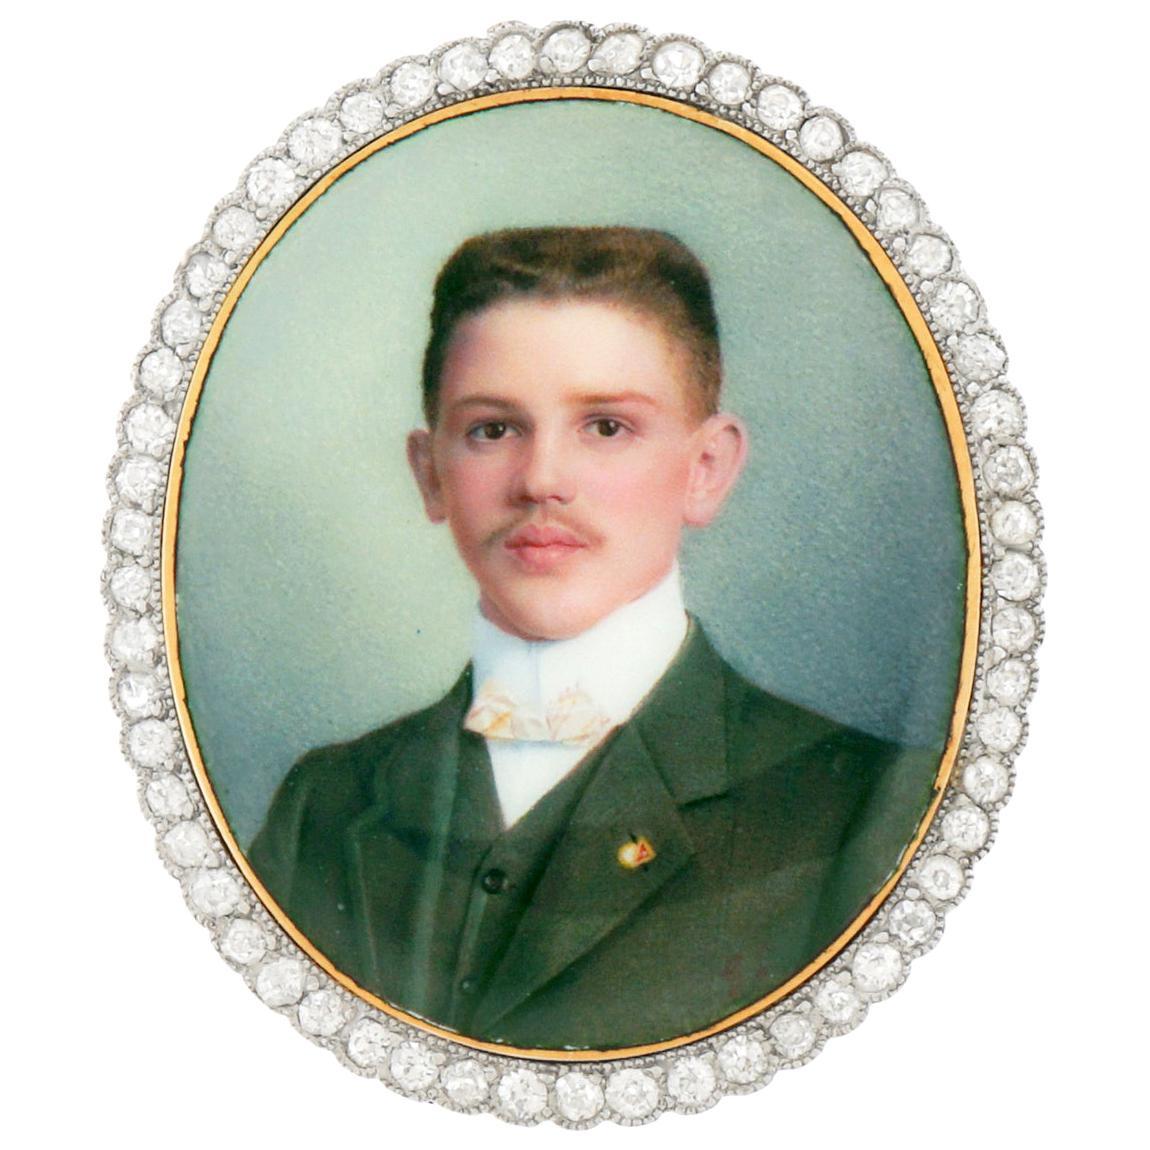 Antique Enameled Portrait Pin-Pendant